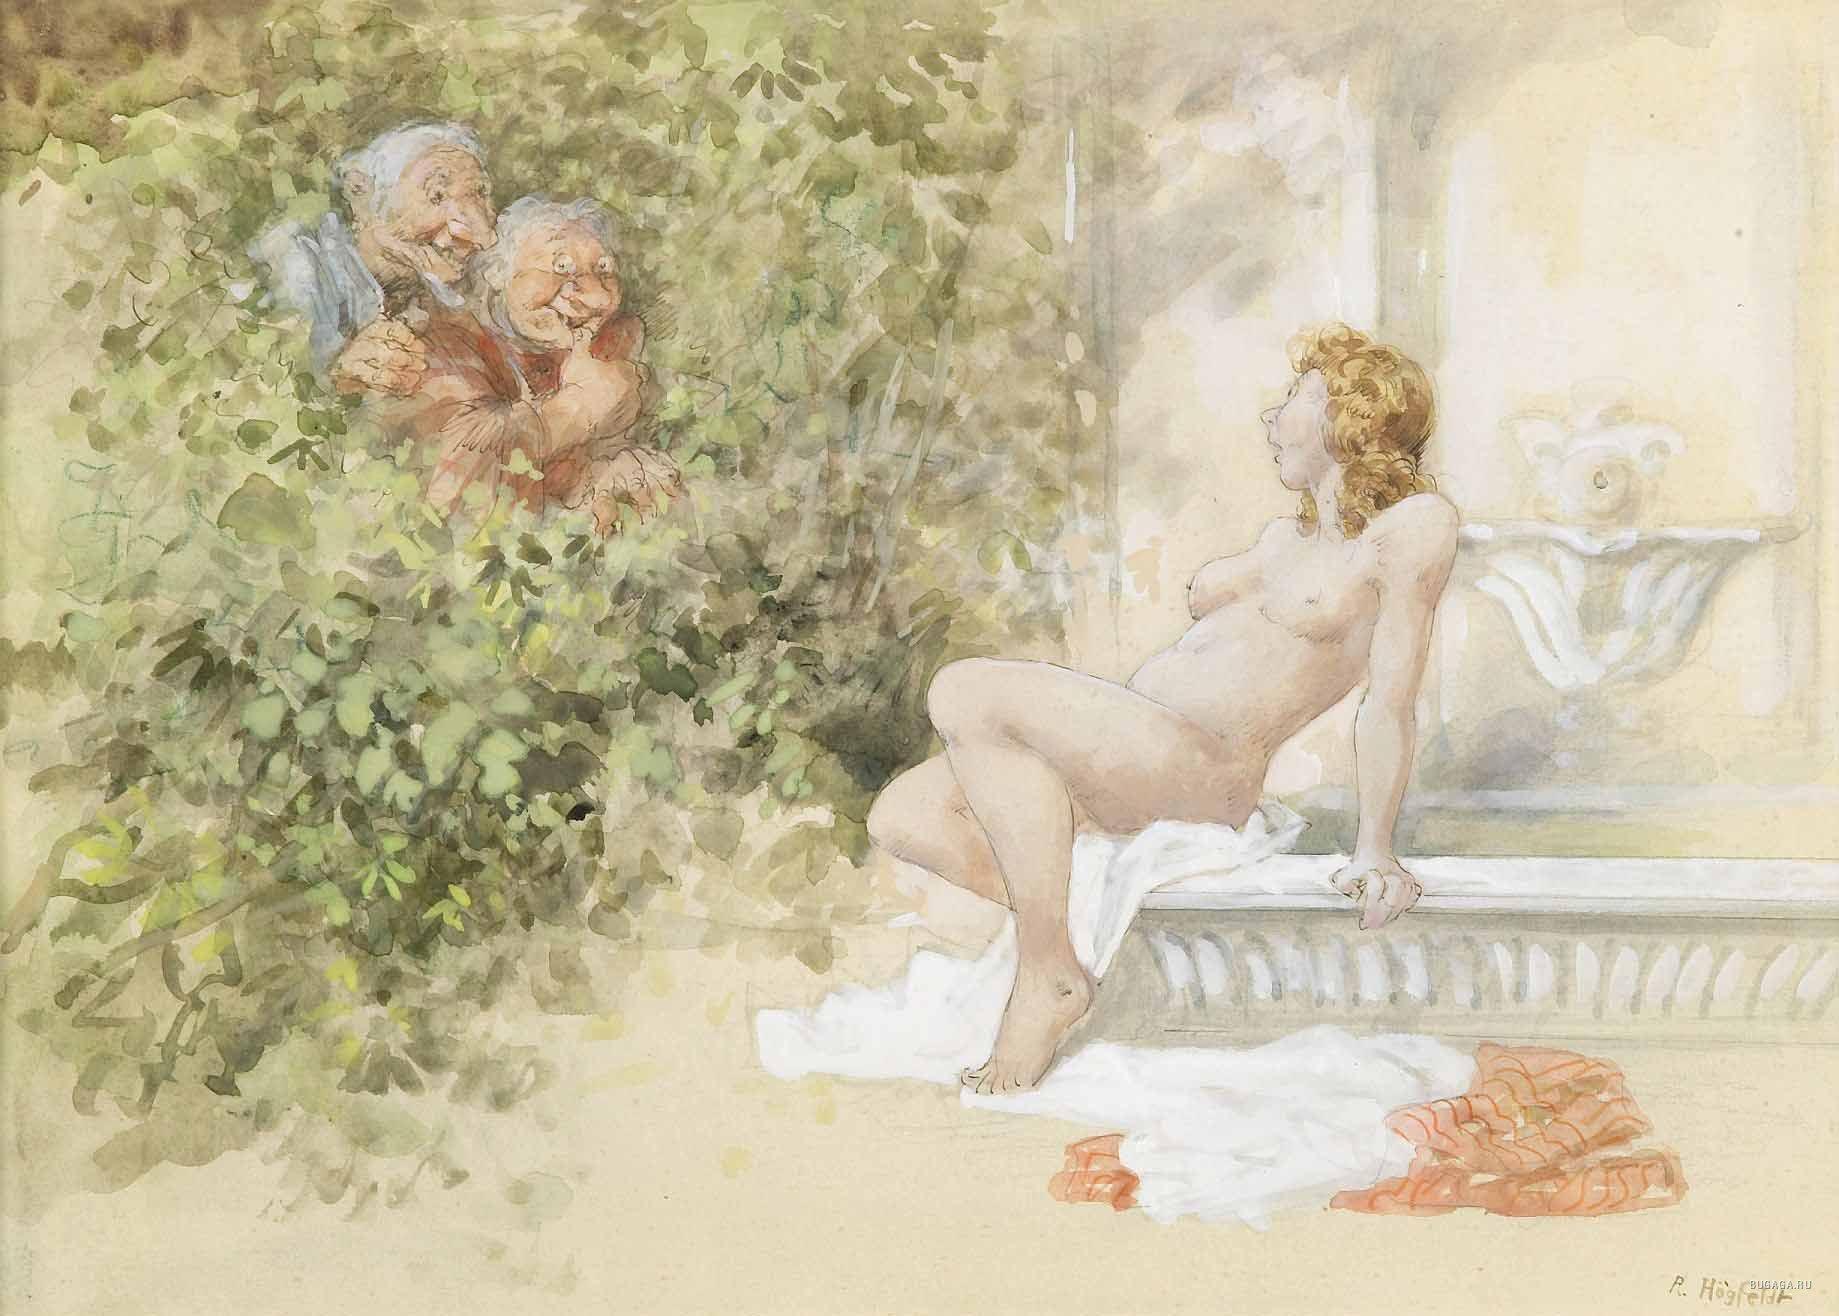 Сексуальные образы в иллюстрации художников 26 фотография